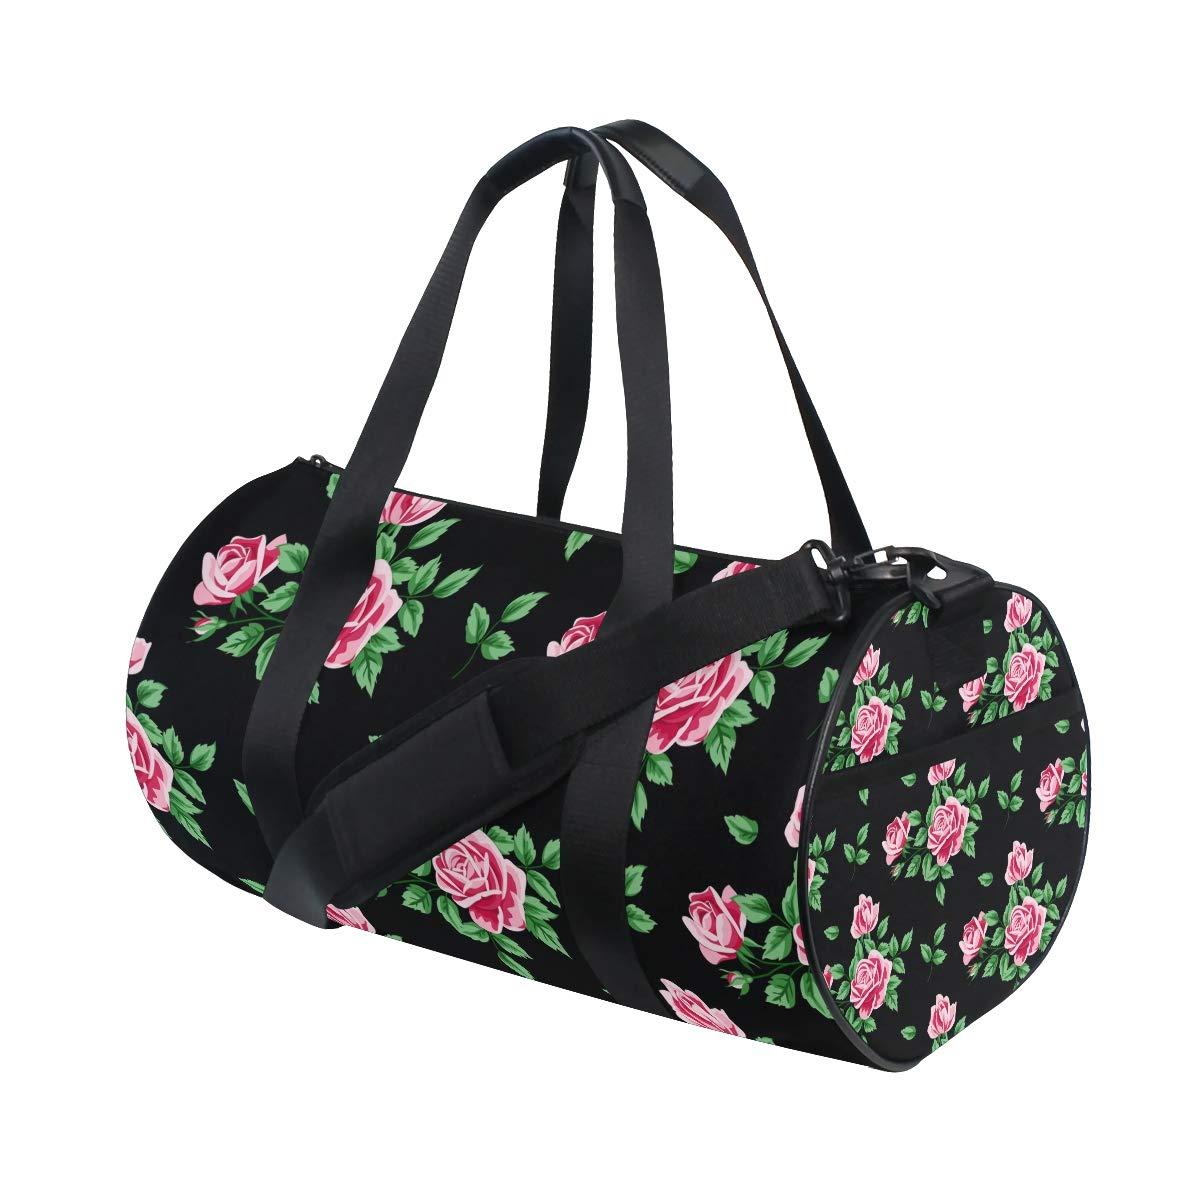 WIHVE Vintage Floral Roses Leaf Sports Gym Bag Travel Overnight Duffel Bag for Men and Women